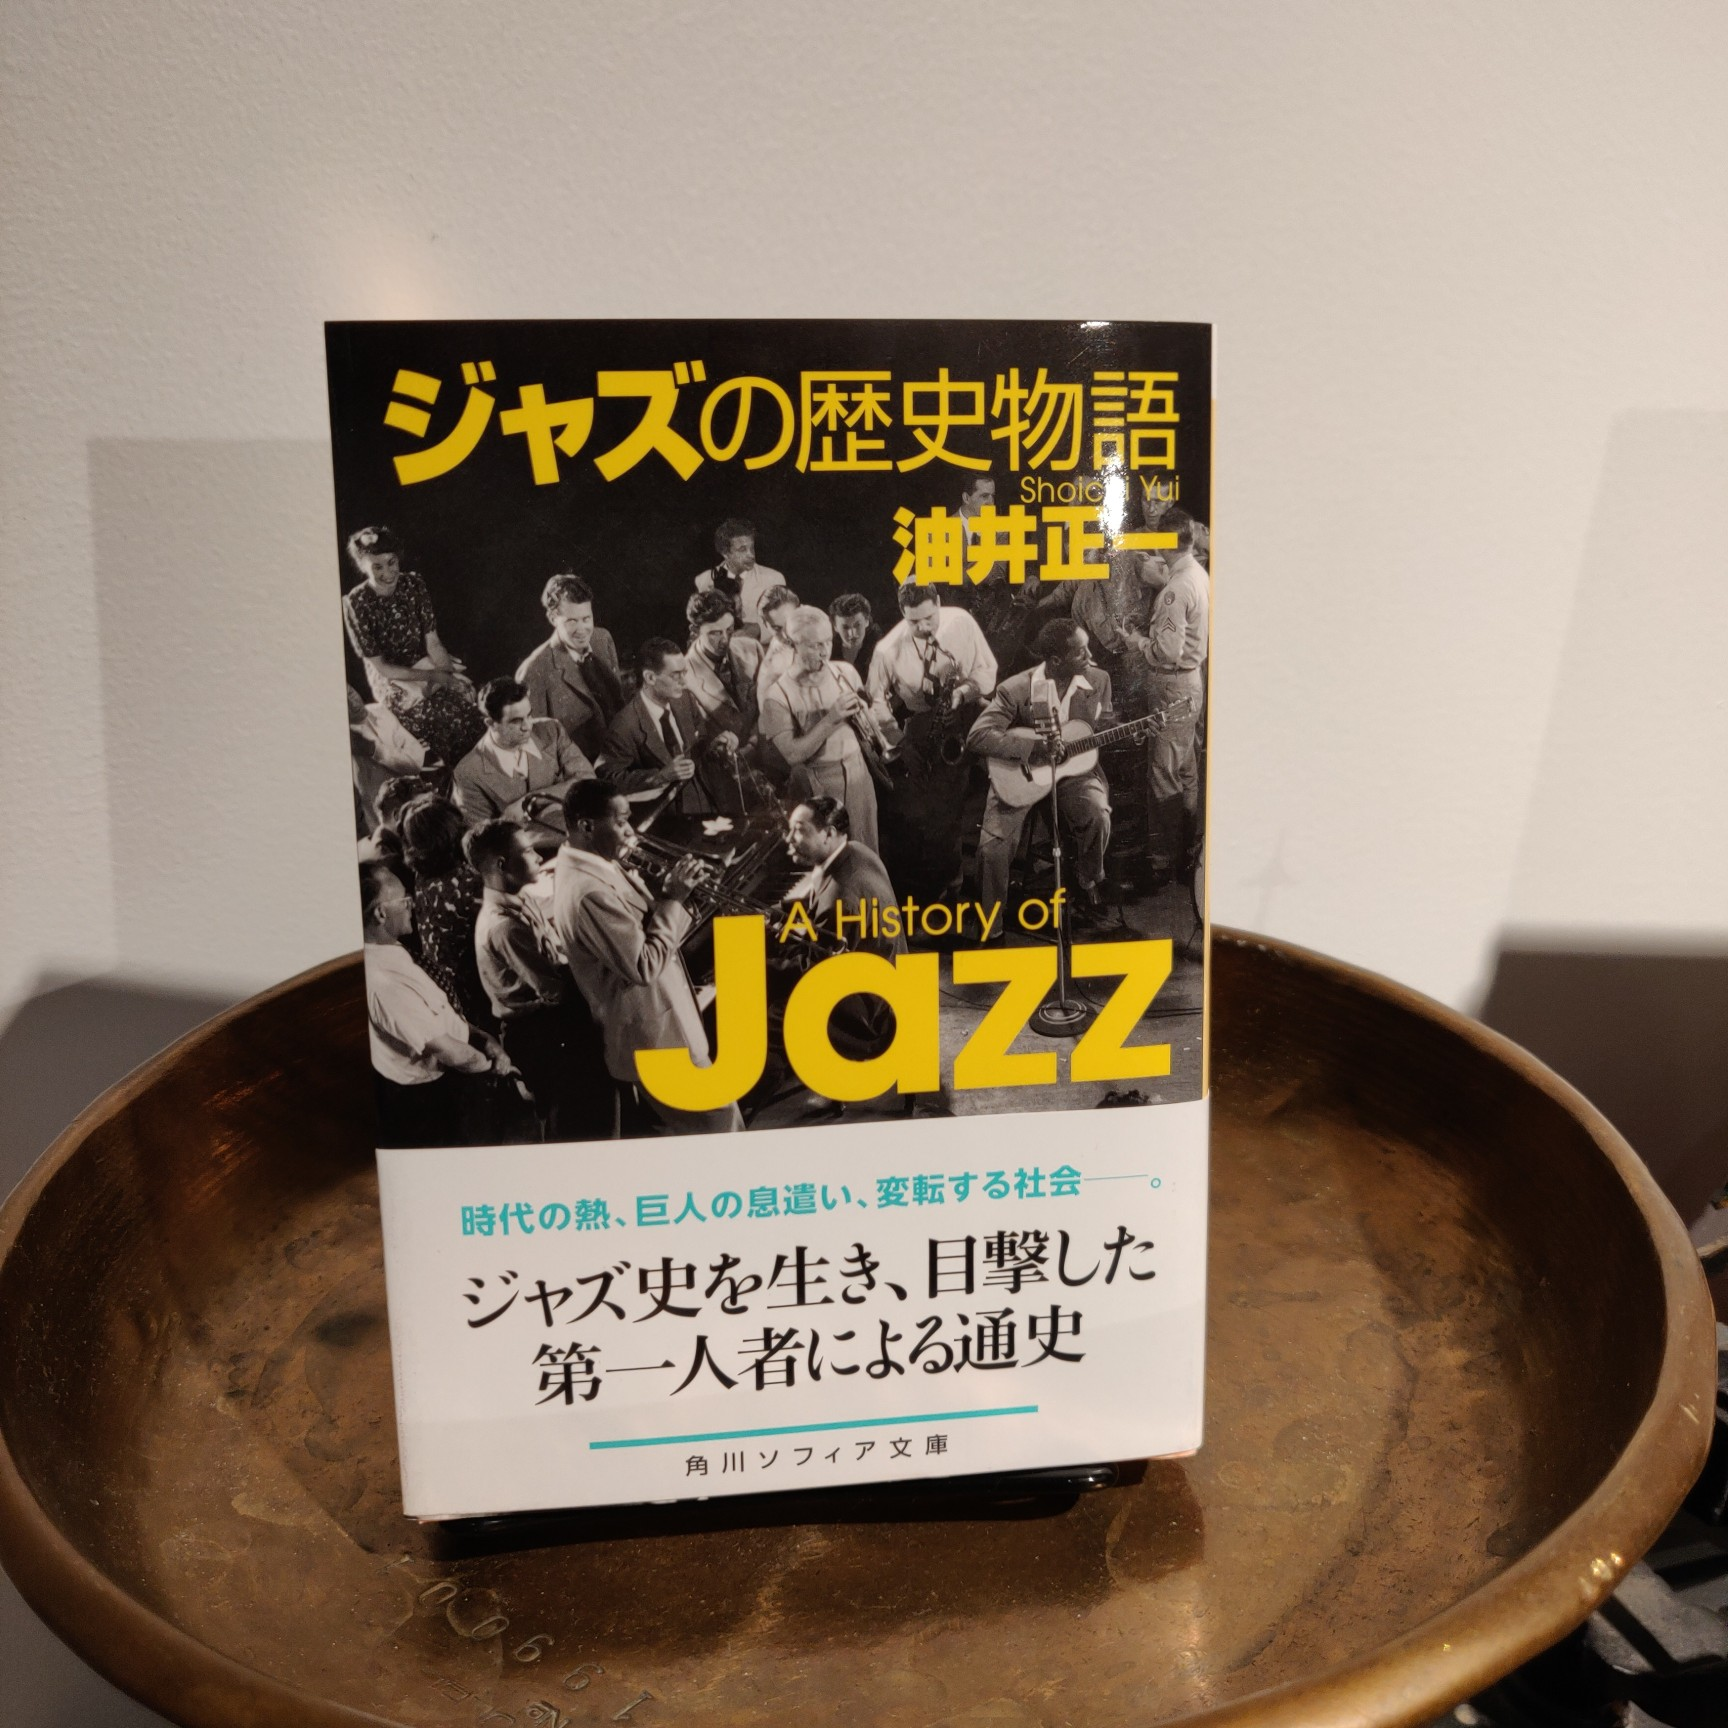 油井正一『ジャズの歴史物語』(KADOKAWA)